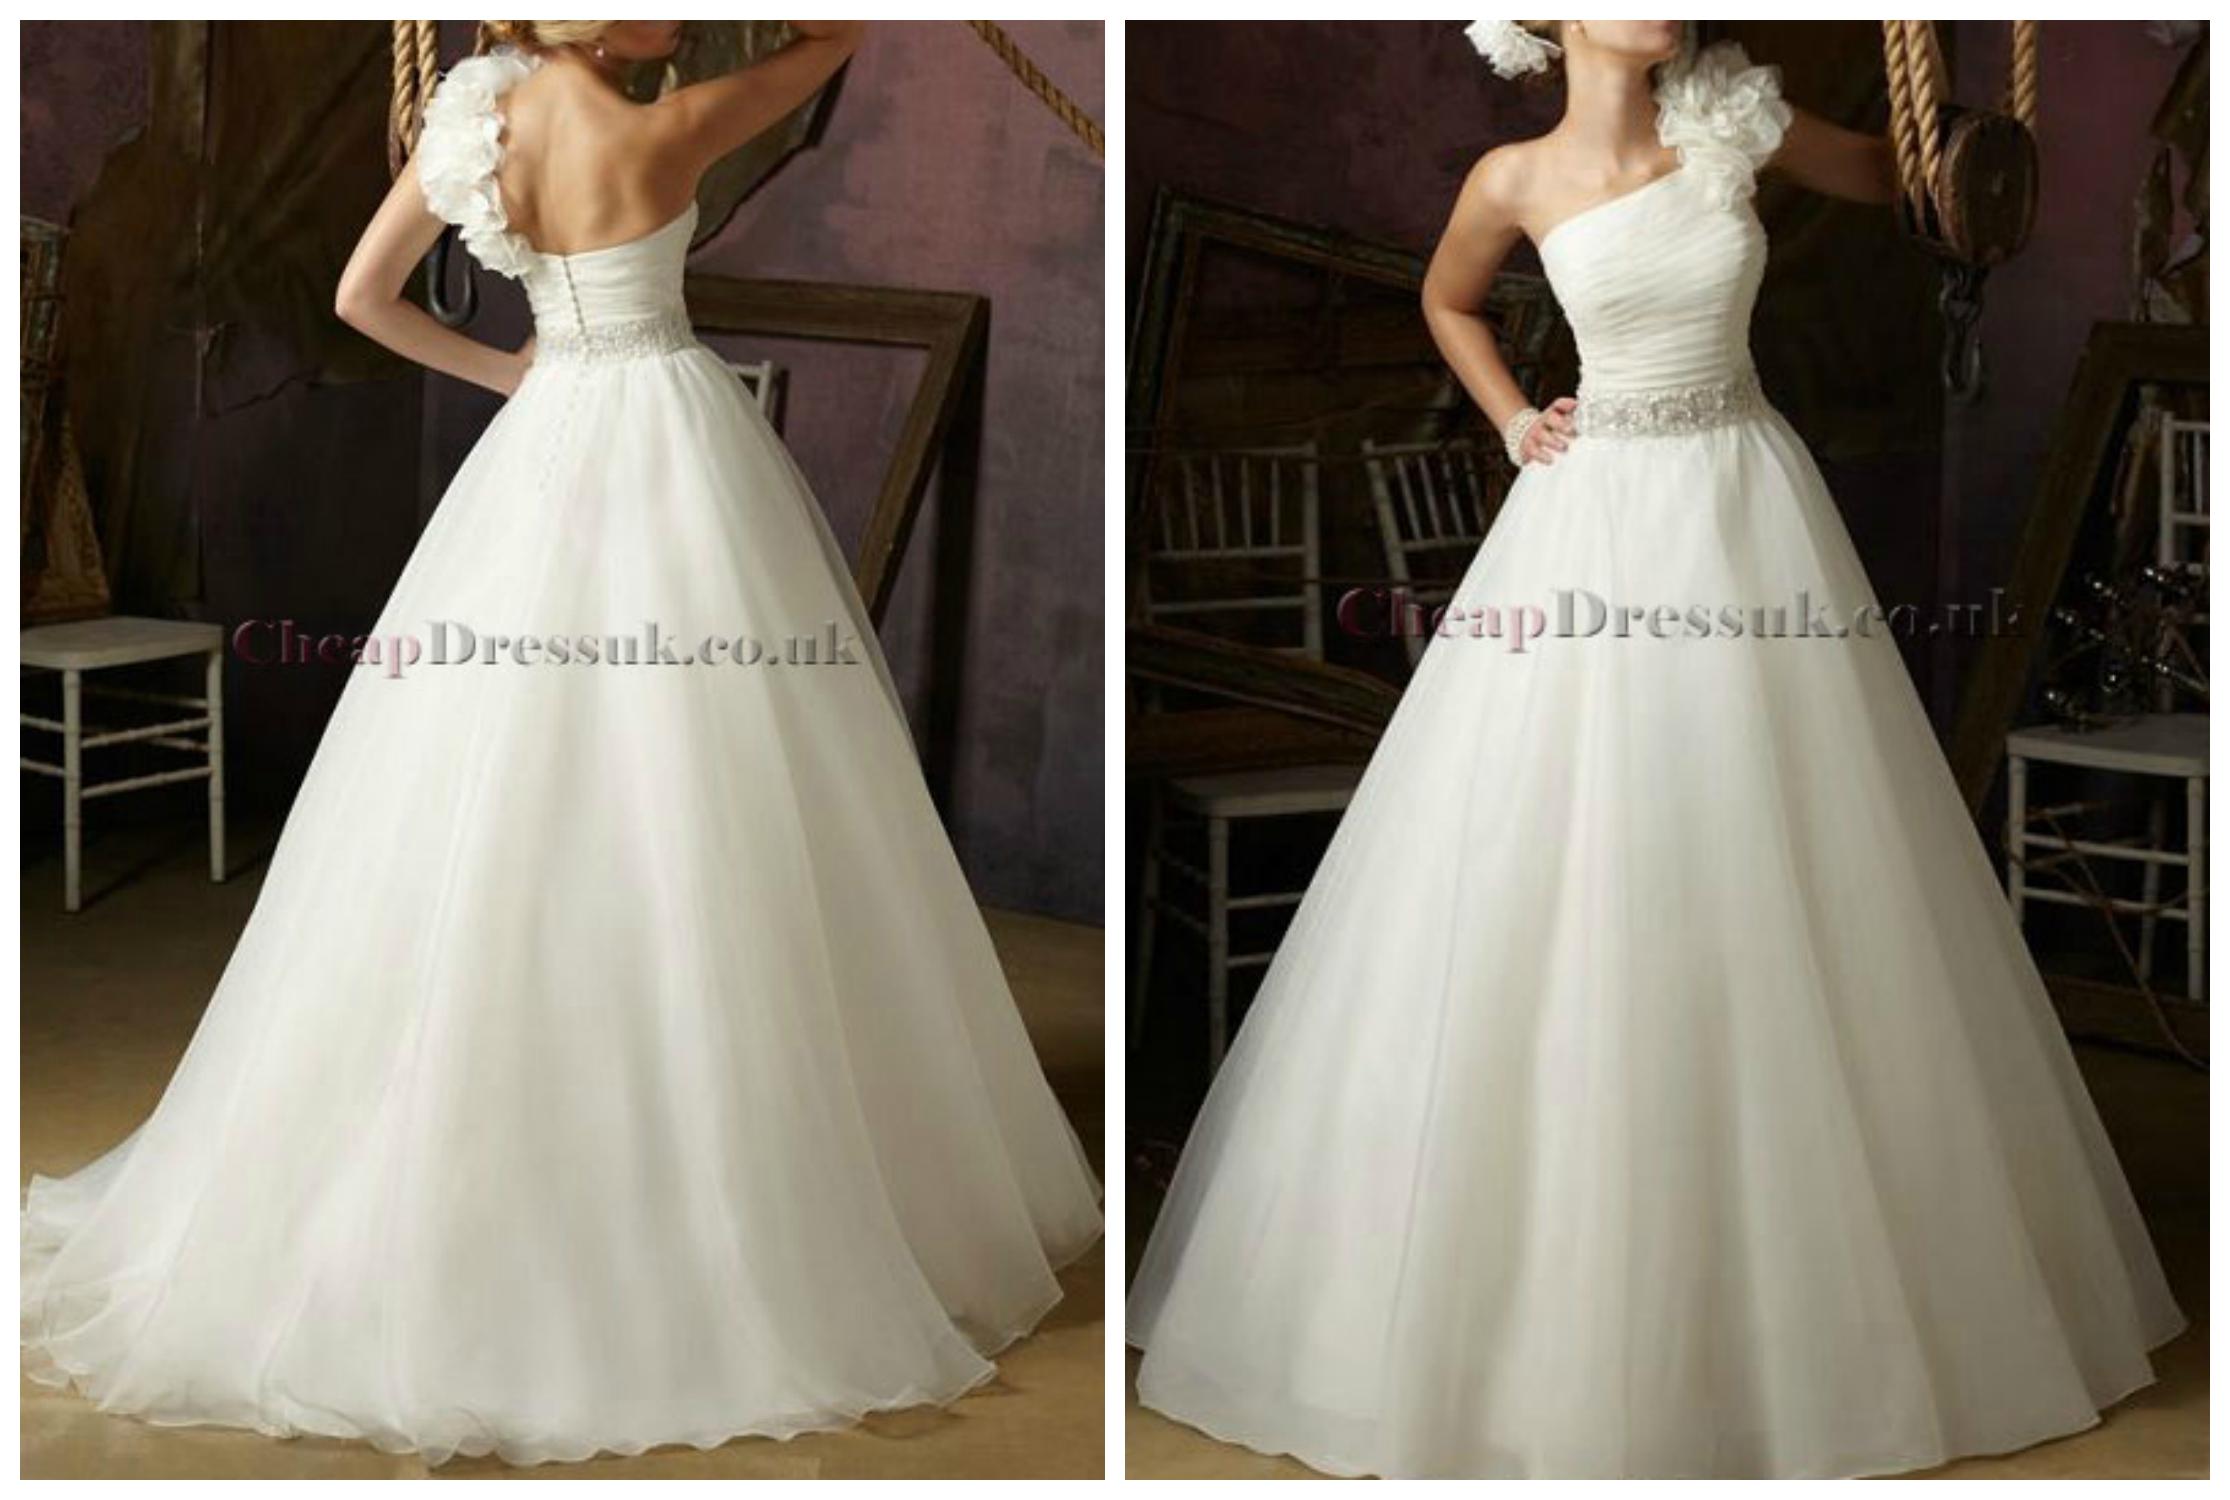 weddingvintagedress3